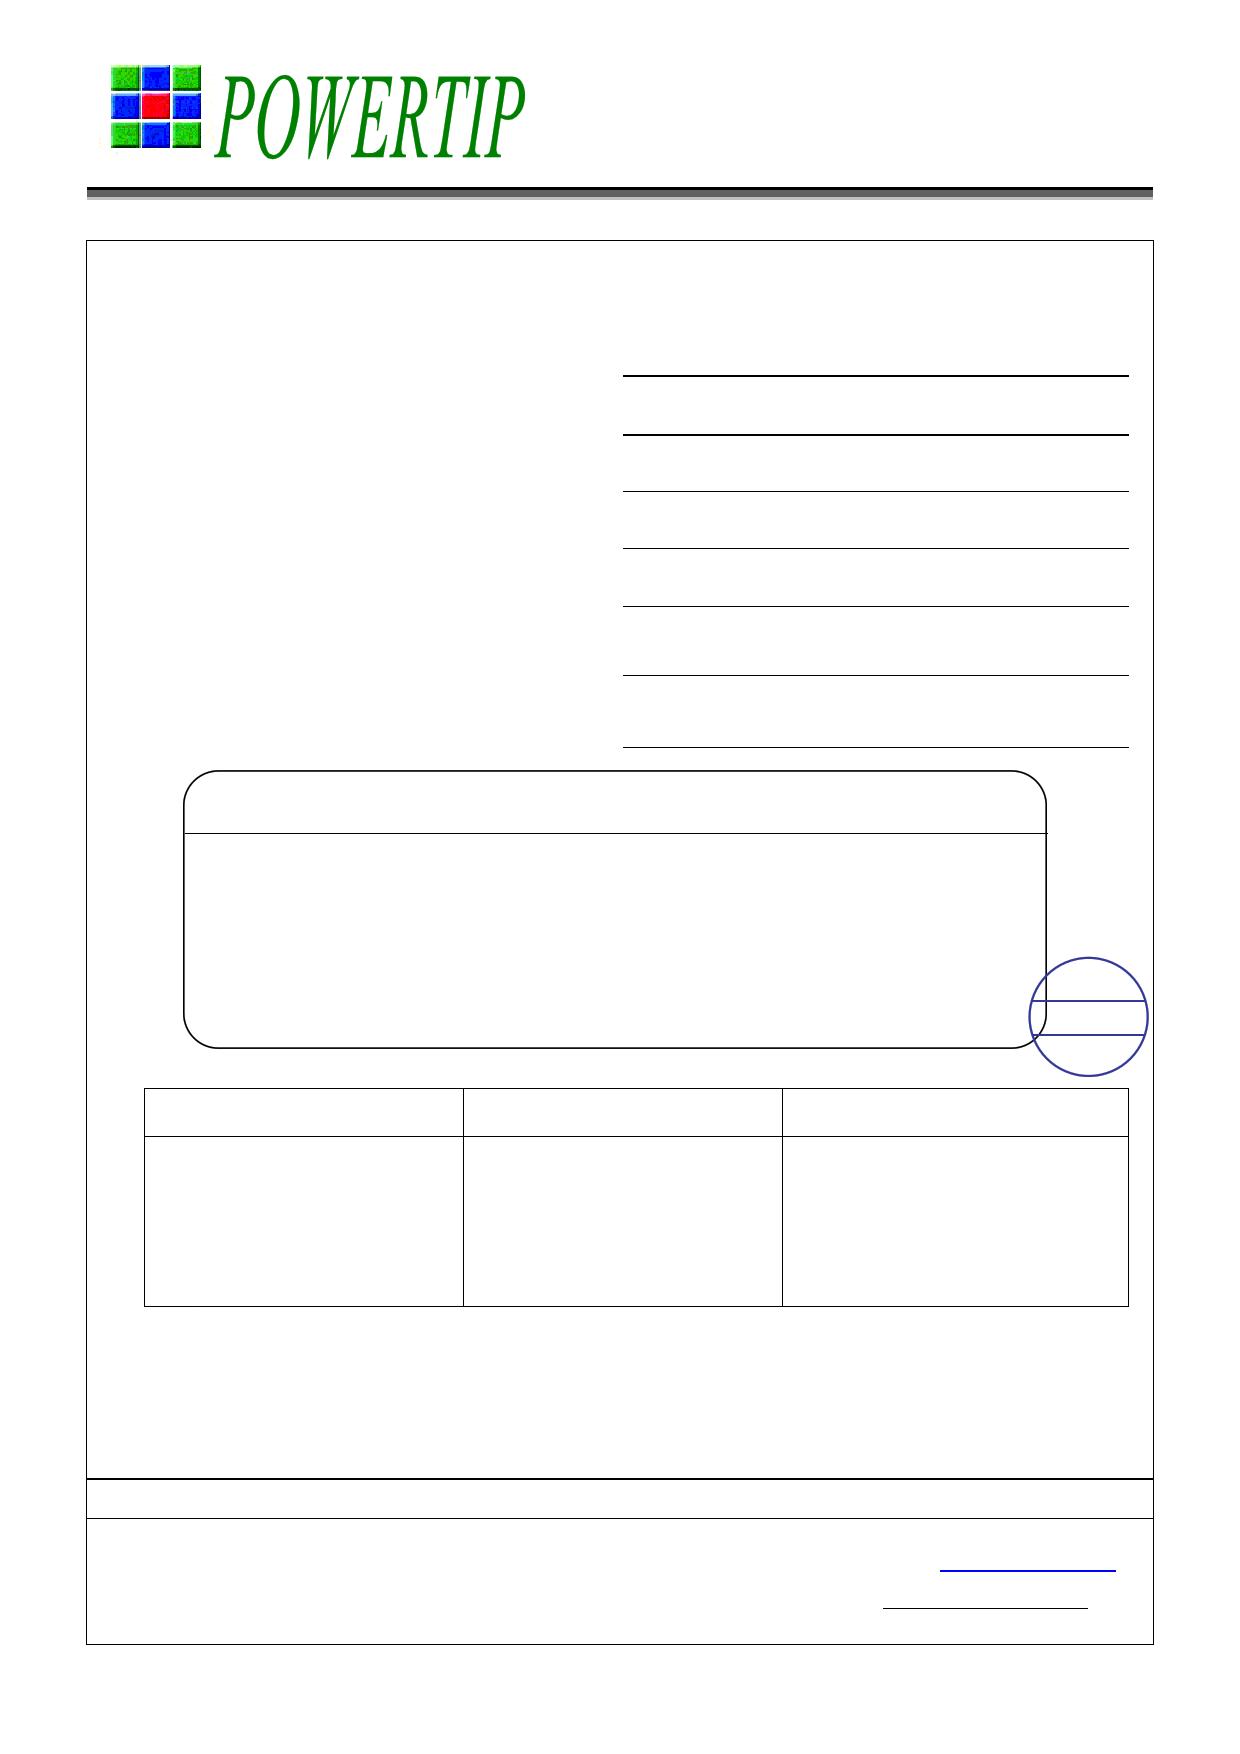 NPC1602WRP-GWA-I 데이터시트 및 NPC1602WRP-GWA-I PDF